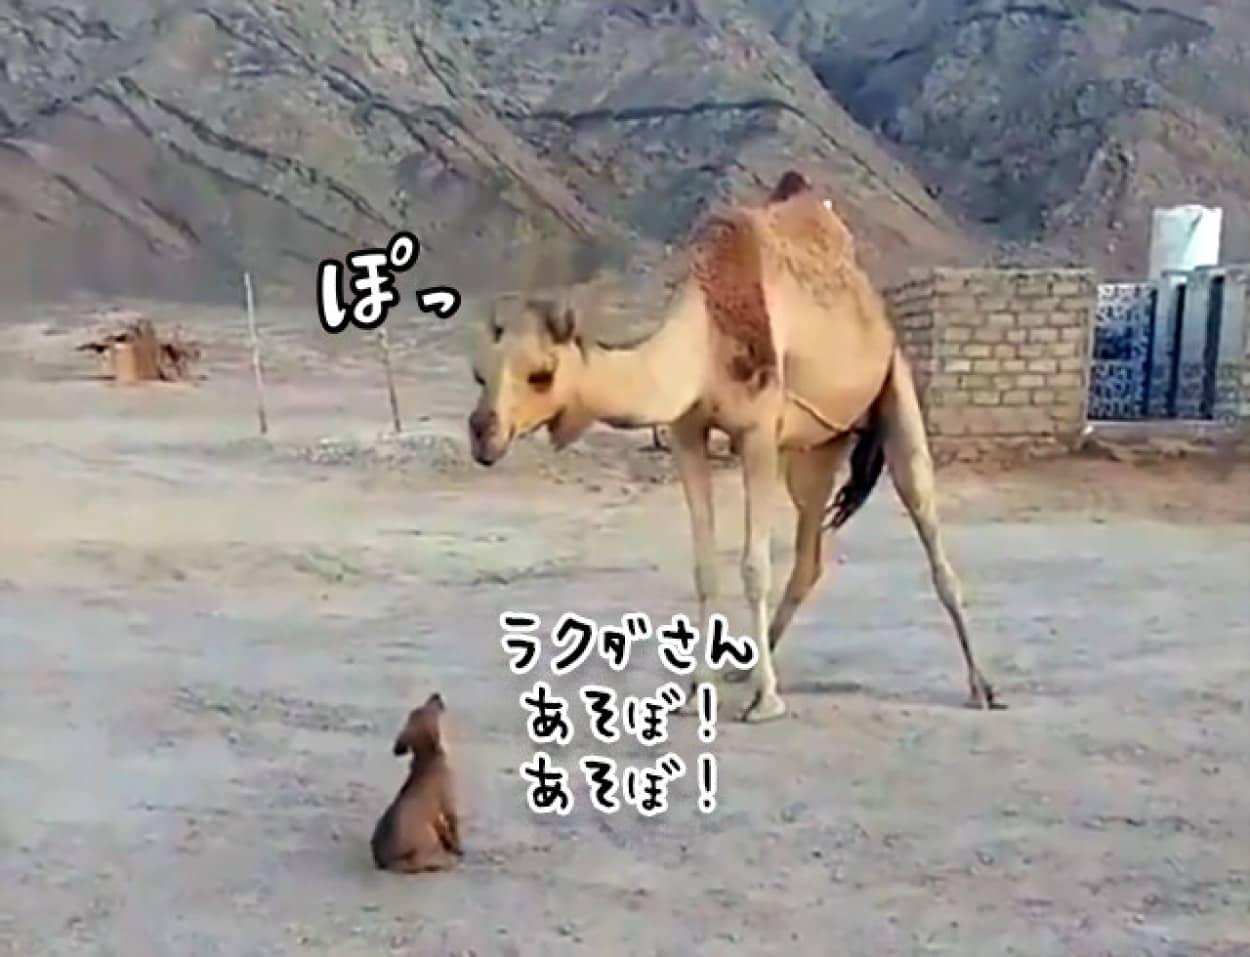 ラクダが近づいてきた子犬にキスをするやさしい世界